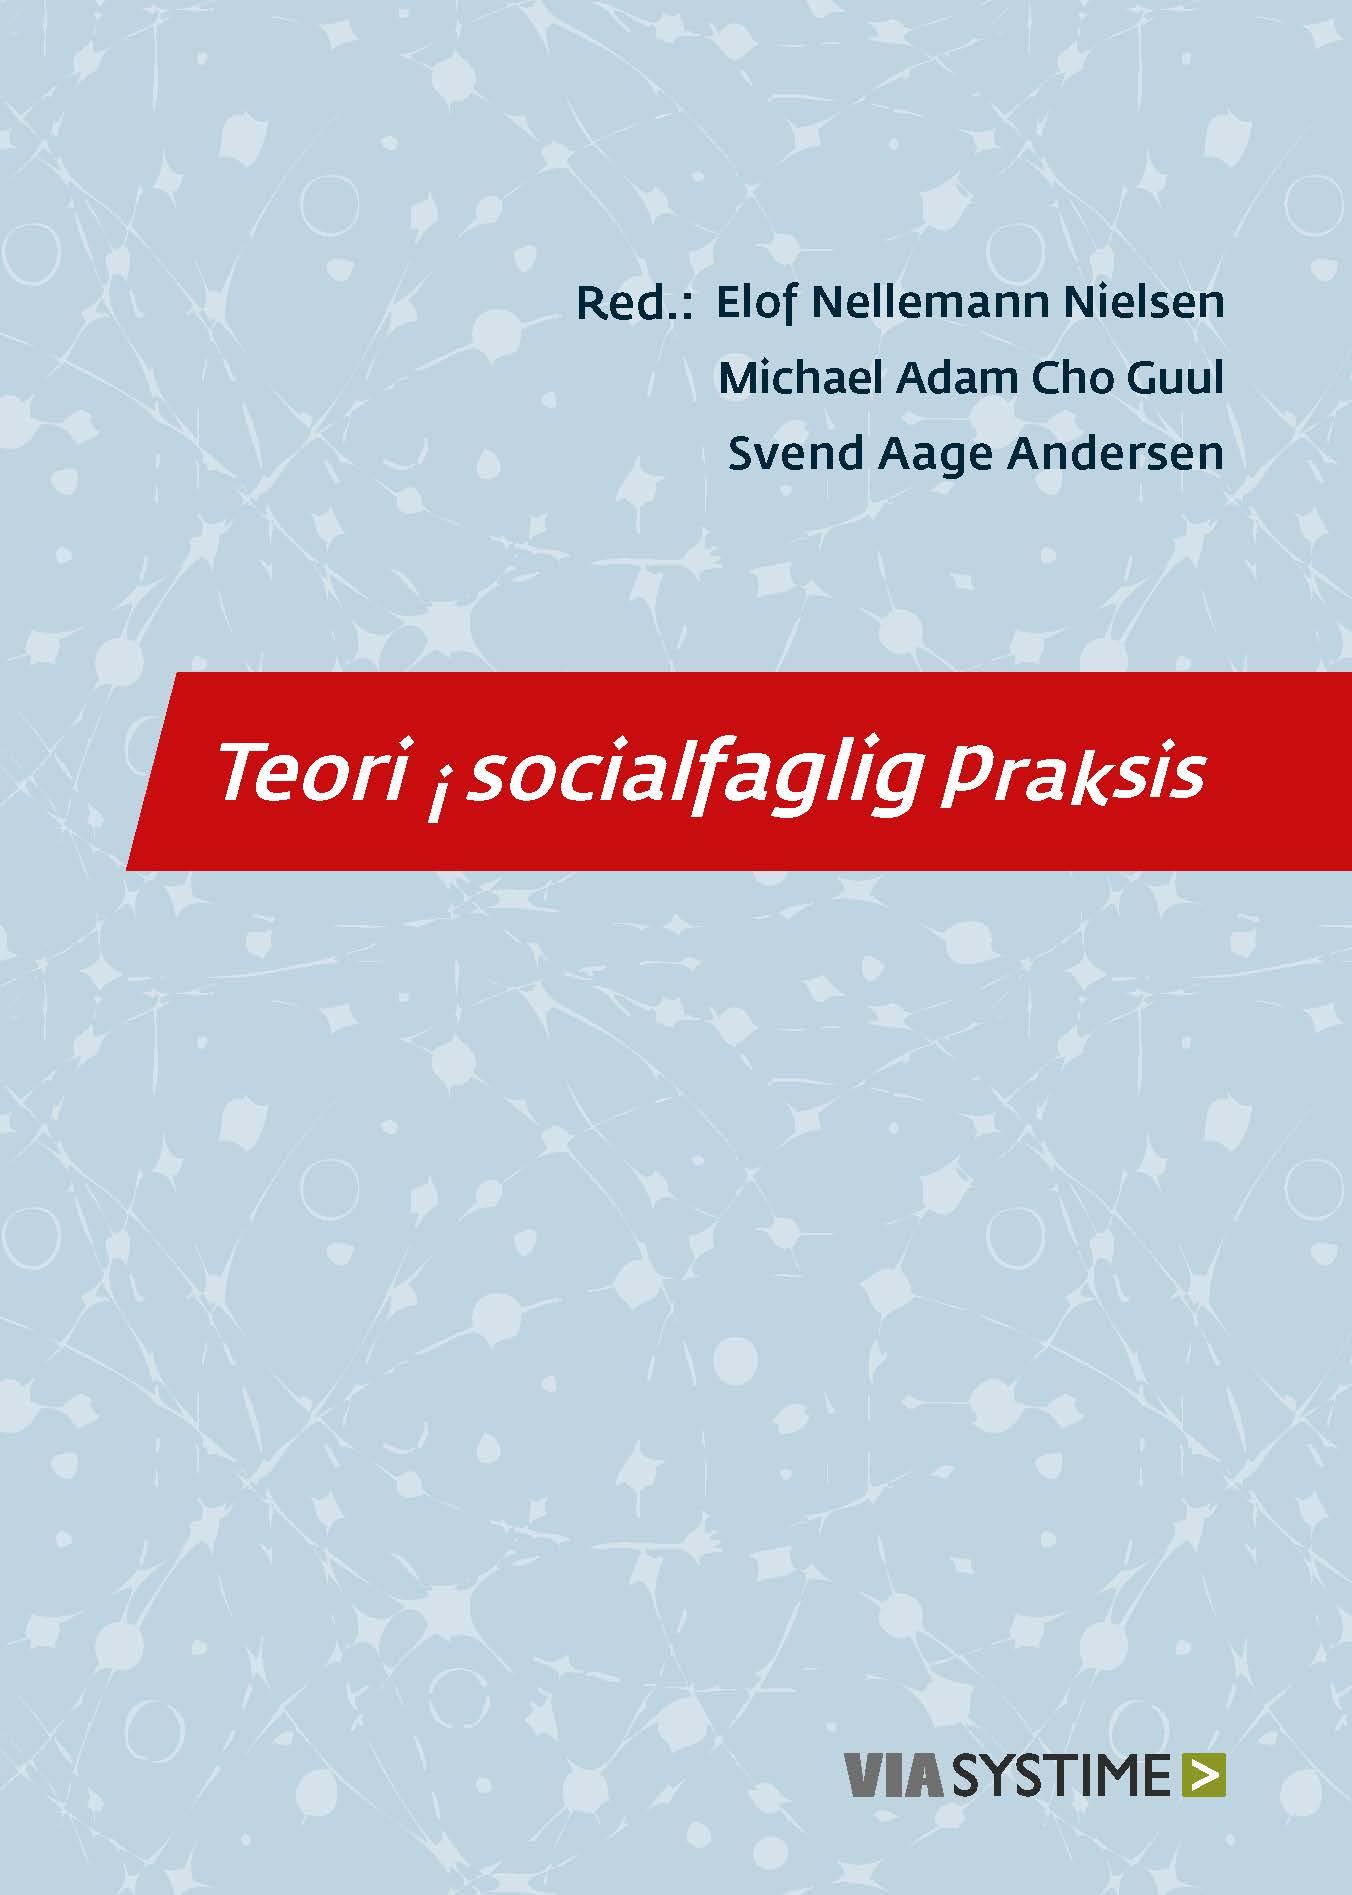 Teori i socialfaglig praksis